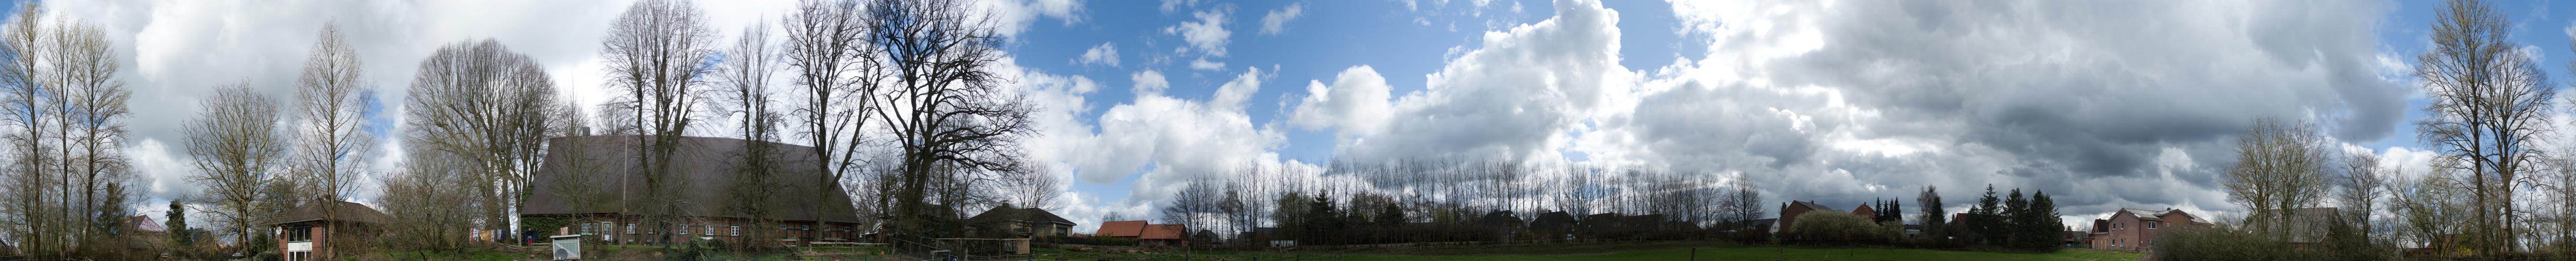 Wetter Panorama